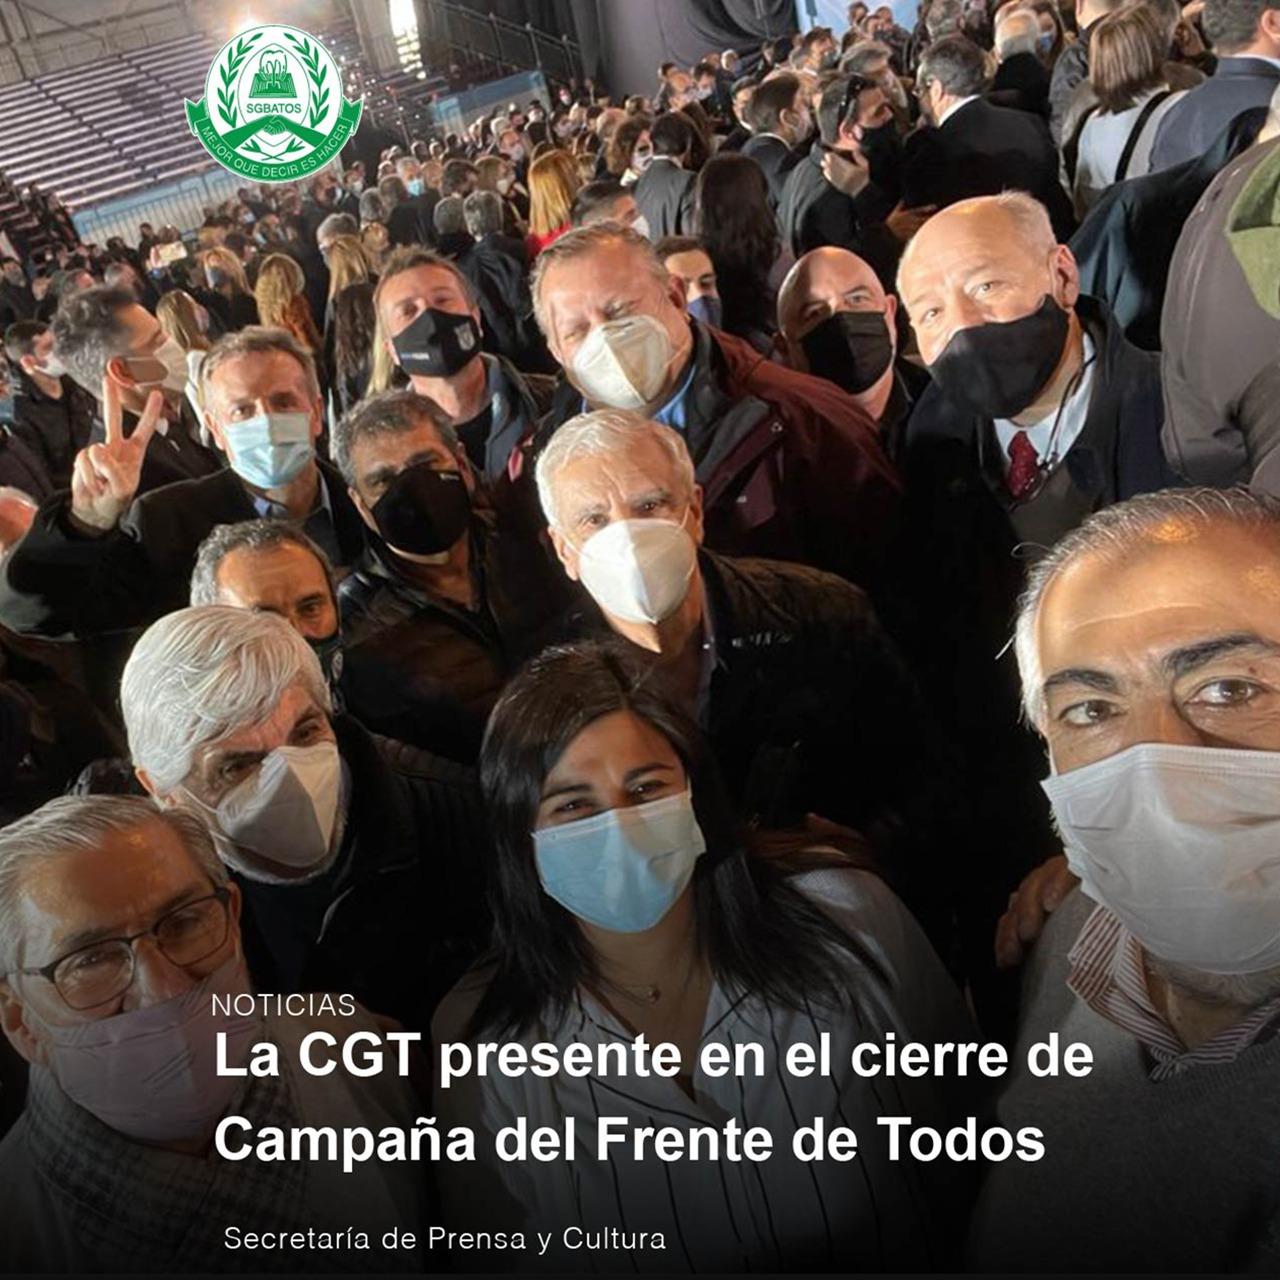 La CGT presente en el cierre de campaña del Frente de Todos